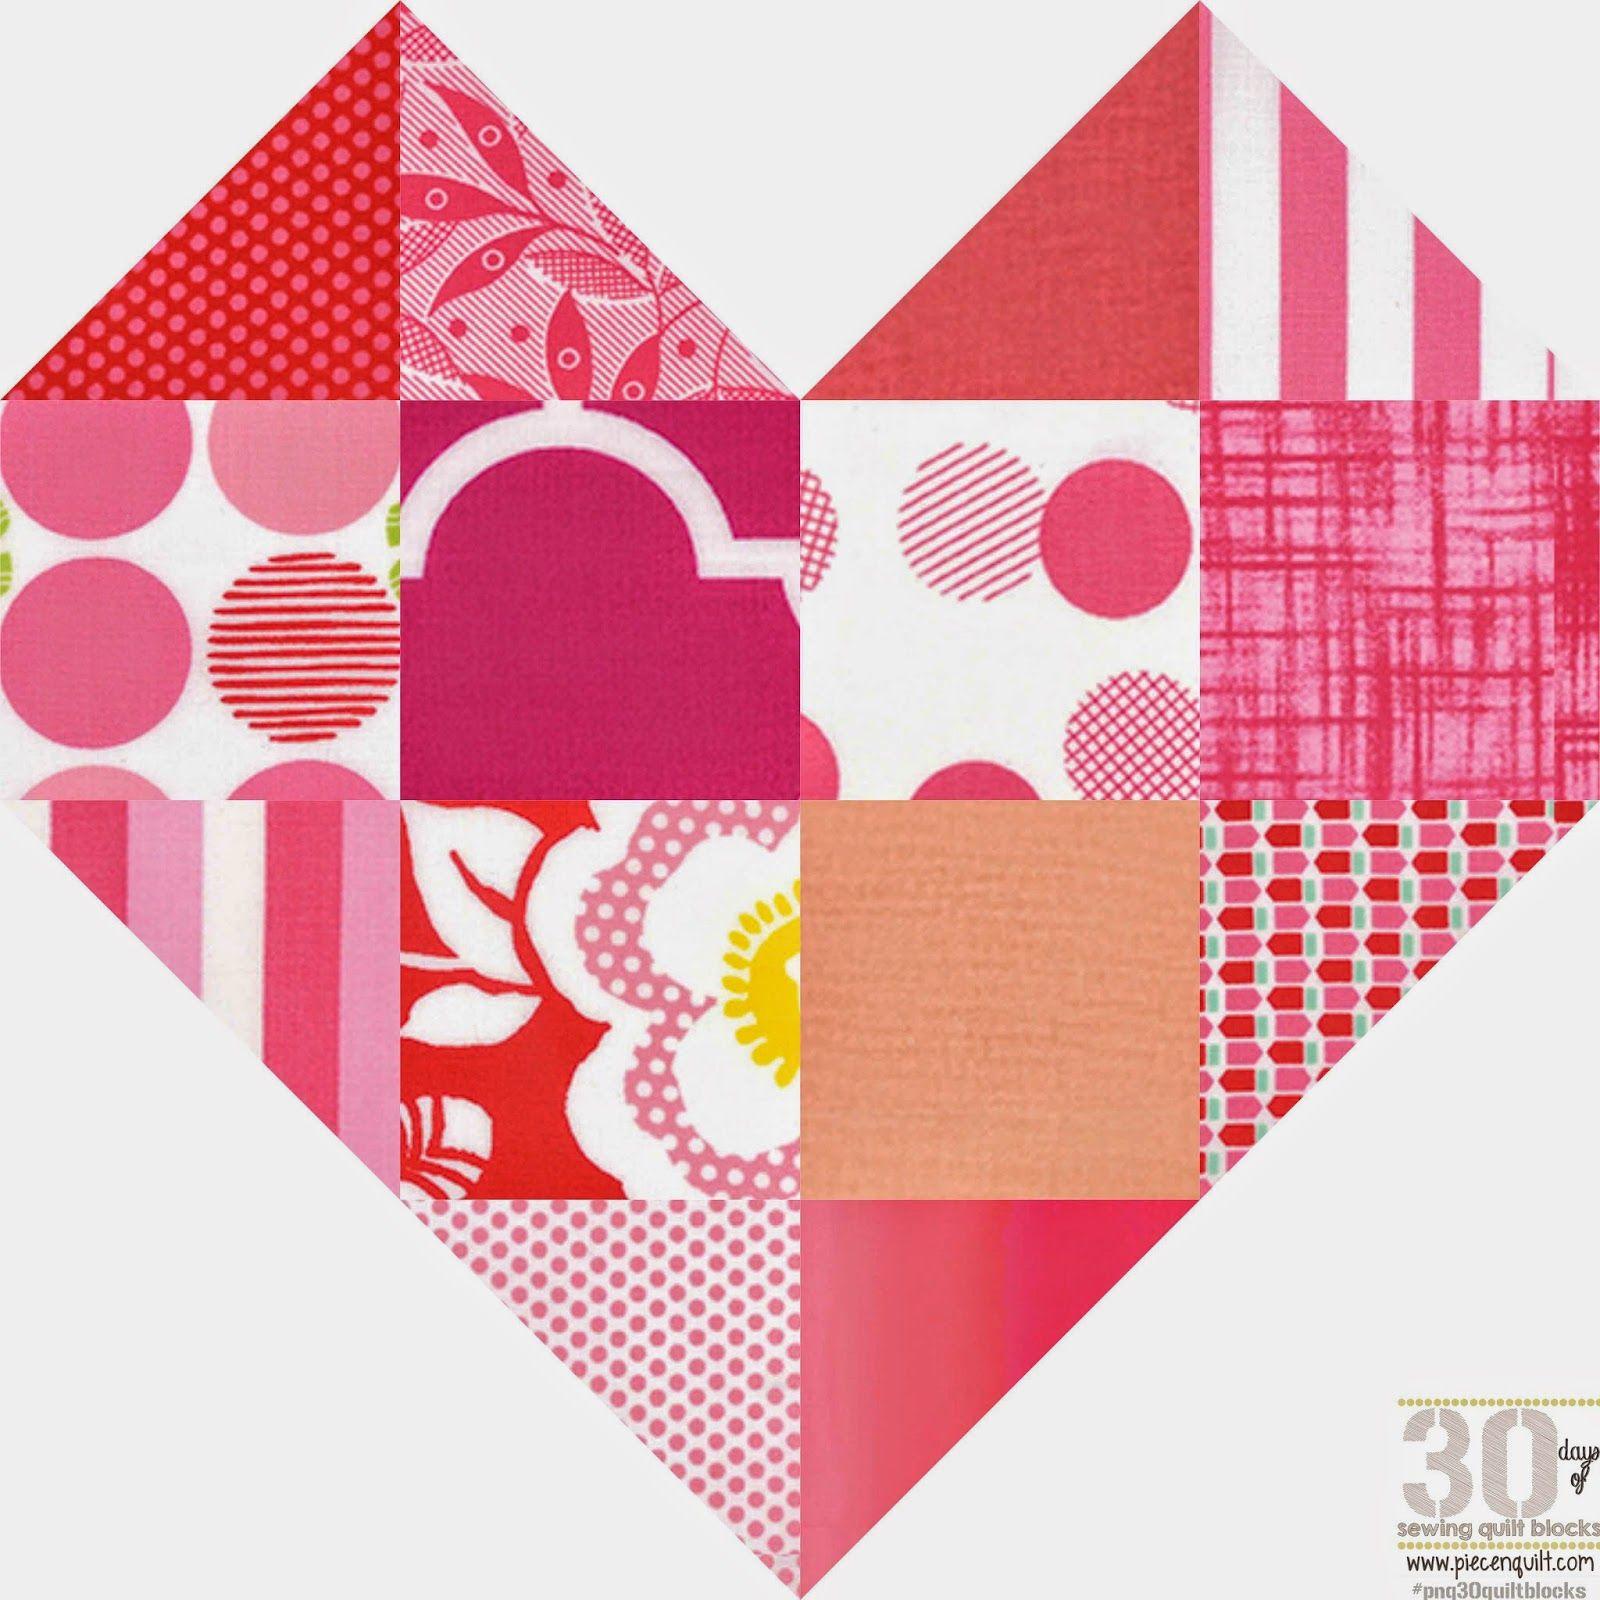 Pieza N Quilt: Cómo: Romance del bloque del edredón - 30 Días de coser Quilt Blocks